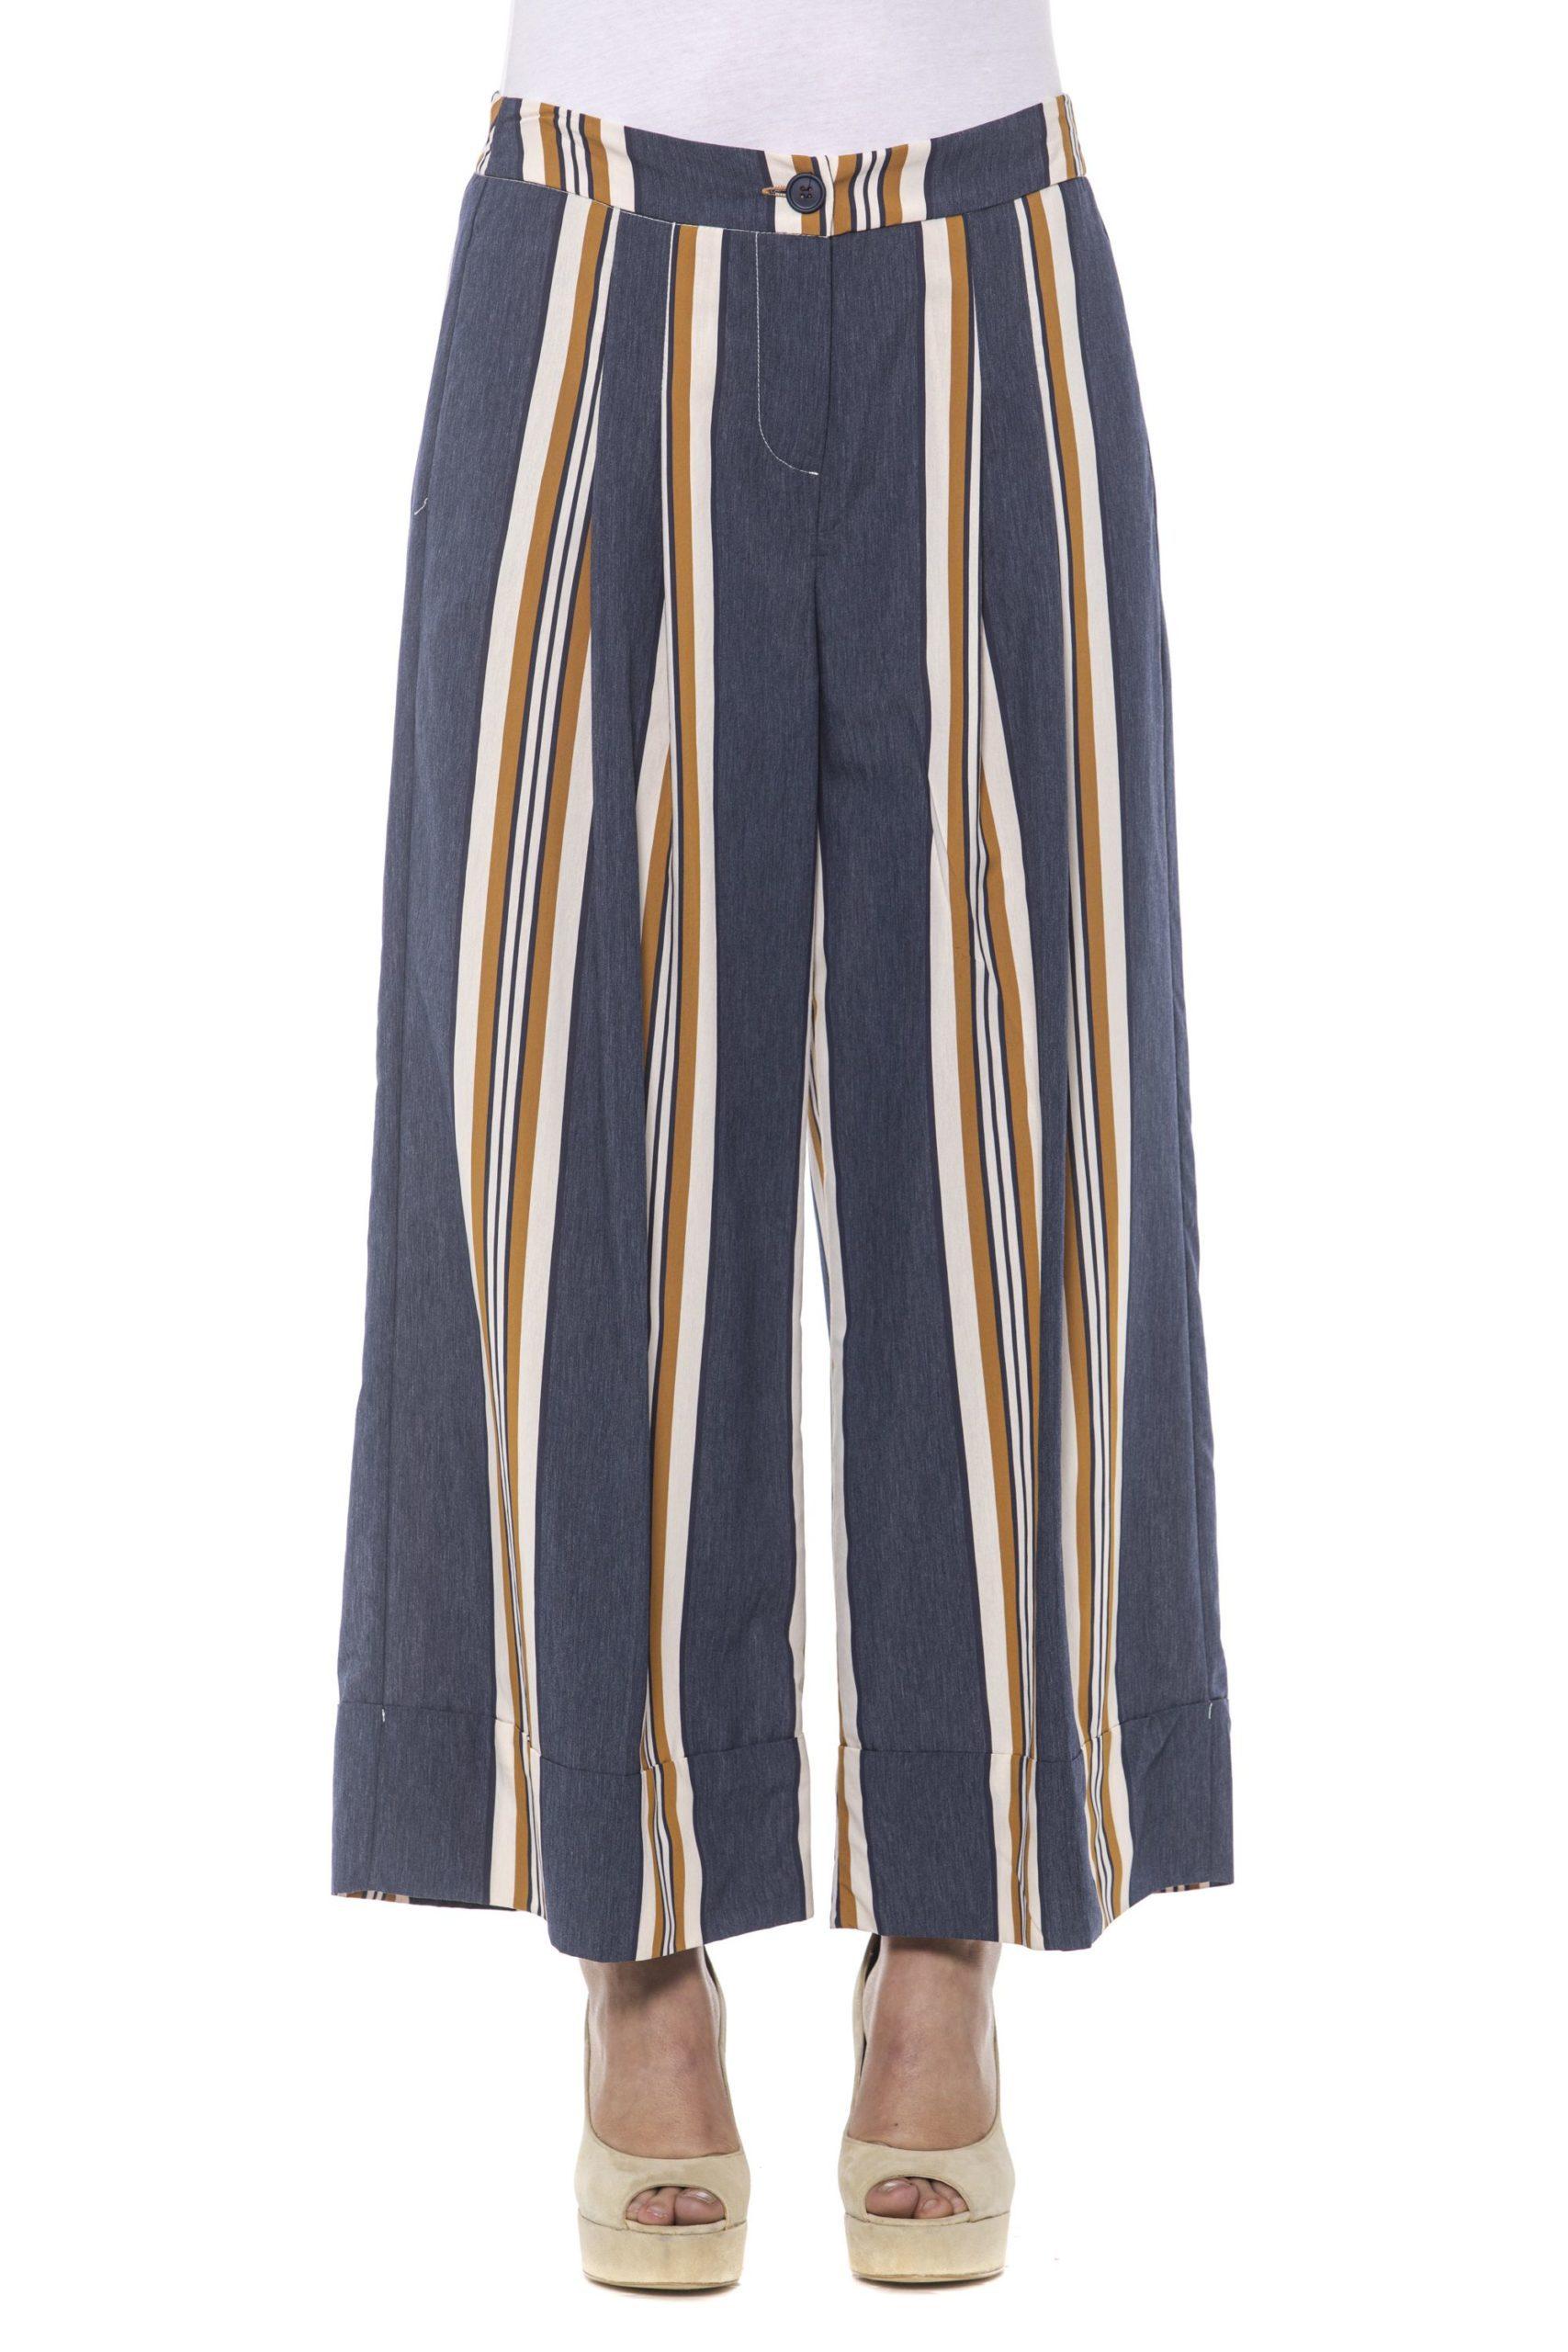 V A R. U N I C A Jeans & Pant - IT40   XS